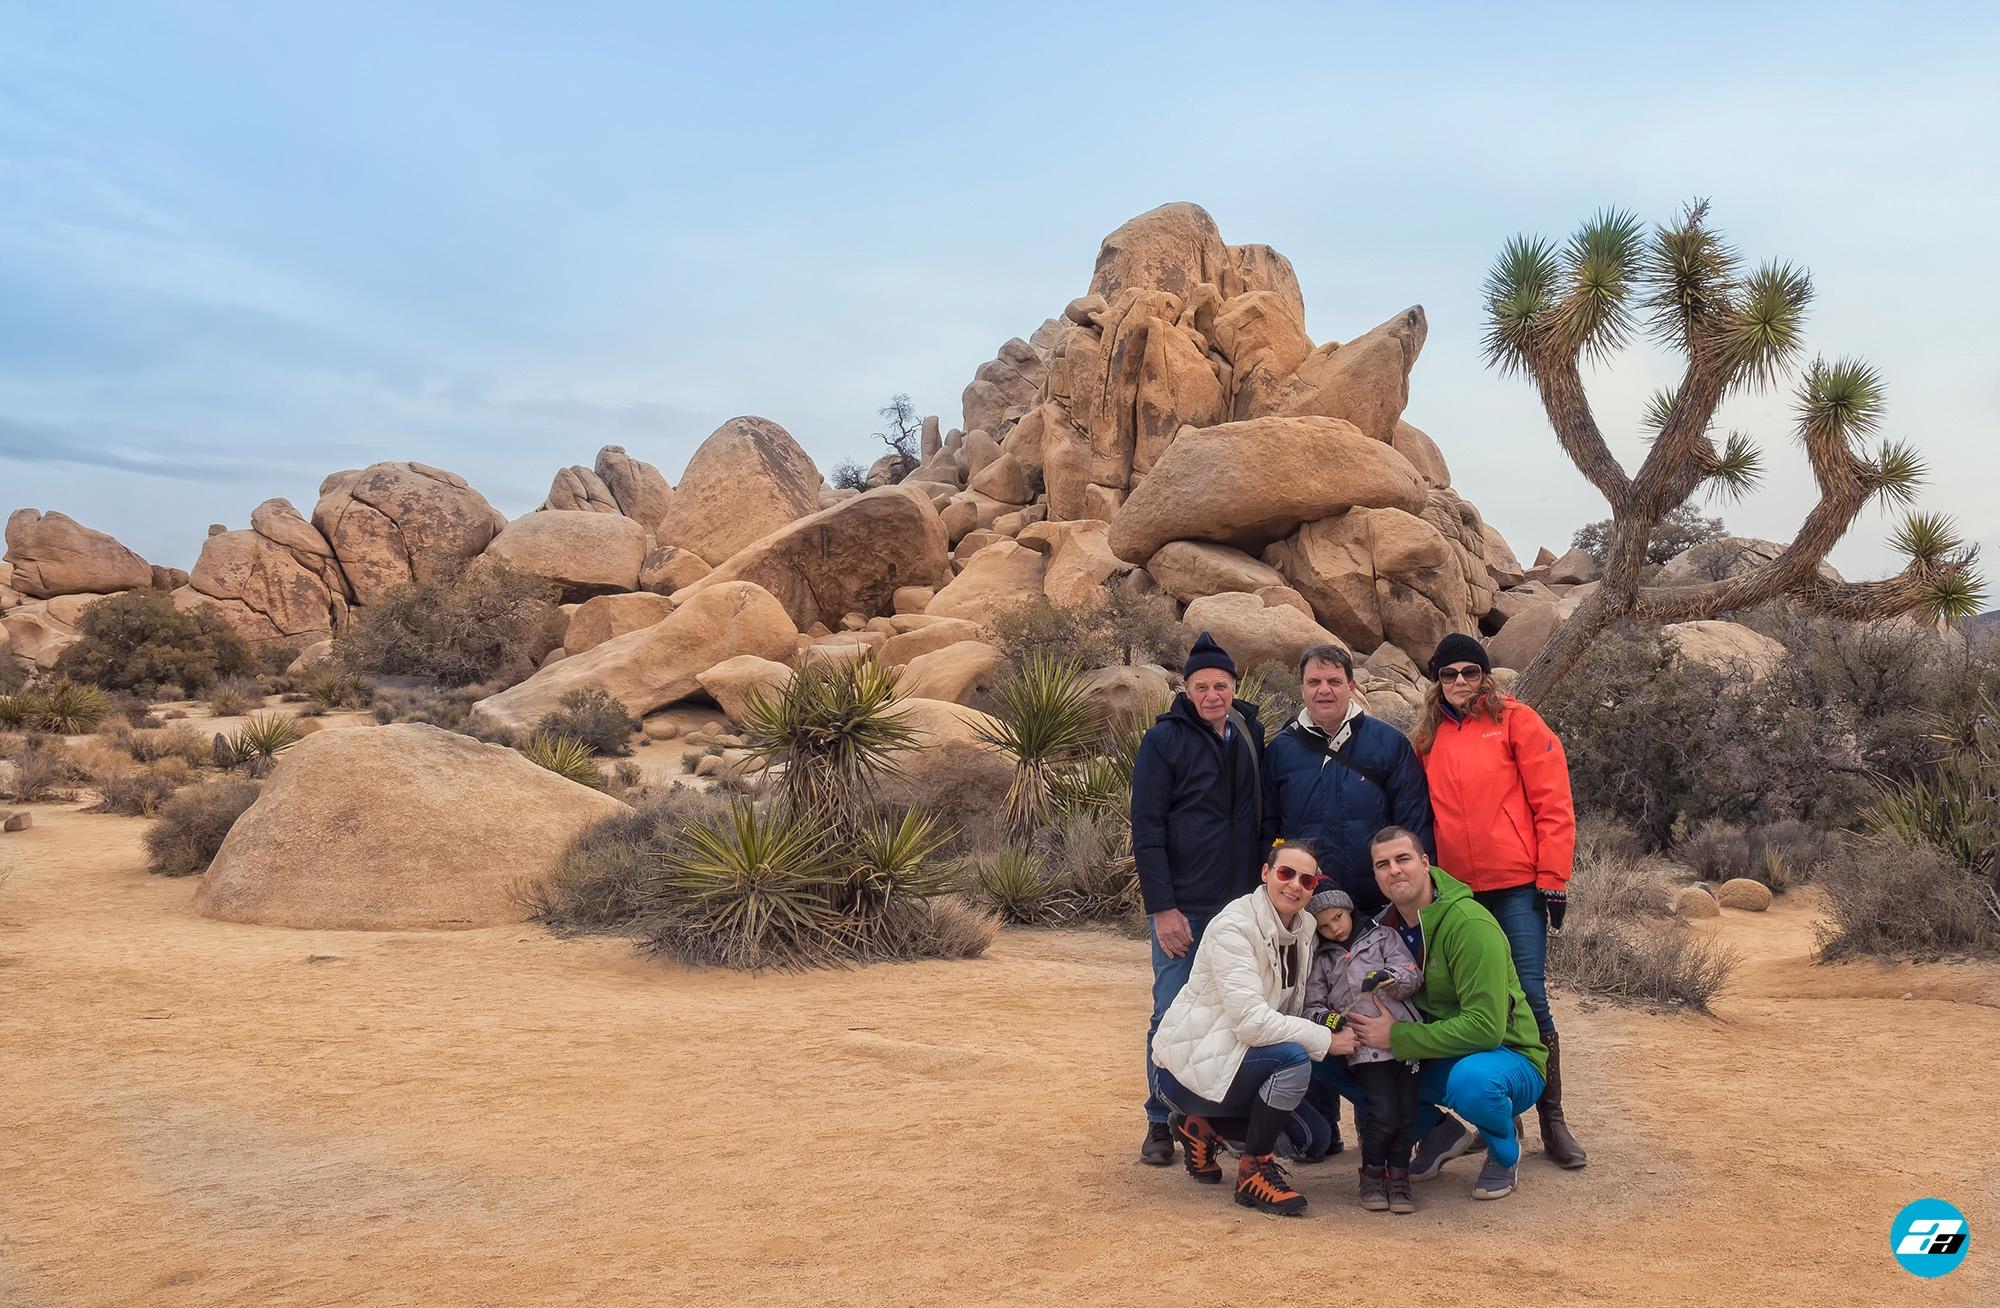 Joshua Tree National Park, California, USA. California Attraction & Travel. Family Photo.